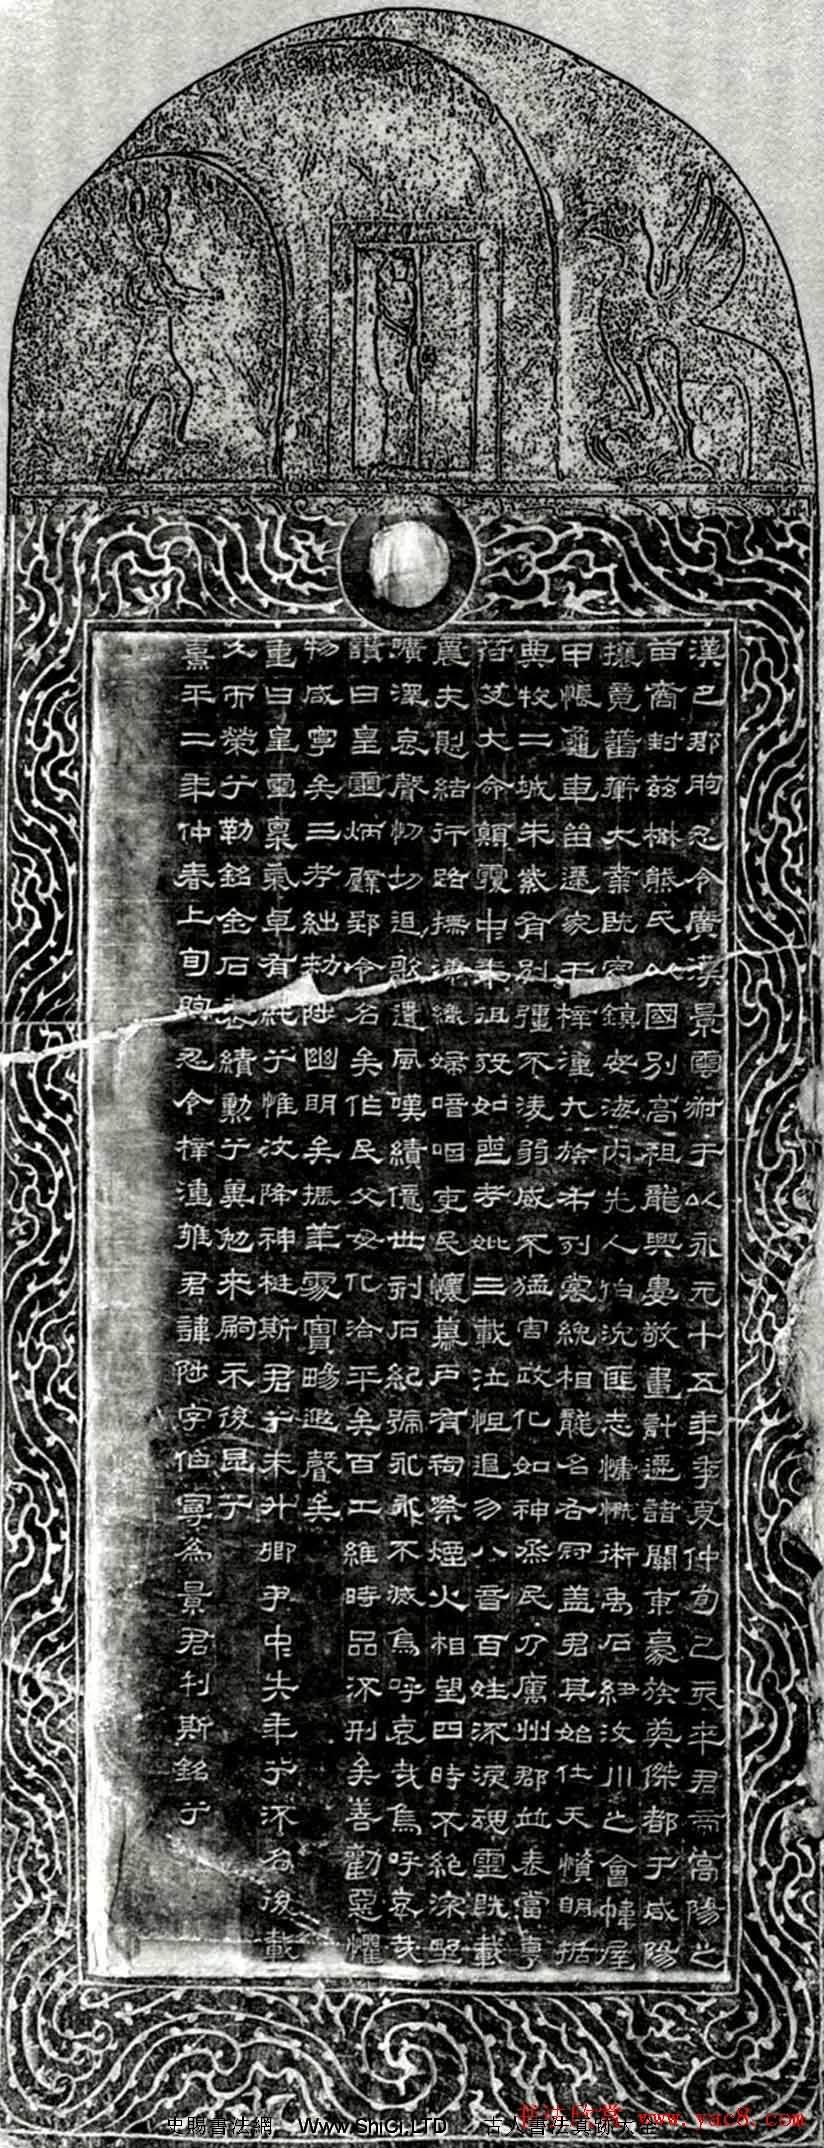 東漢隸書真跡欣賞《漢巴郡朐忍令景雲碑》(共42張圖片)